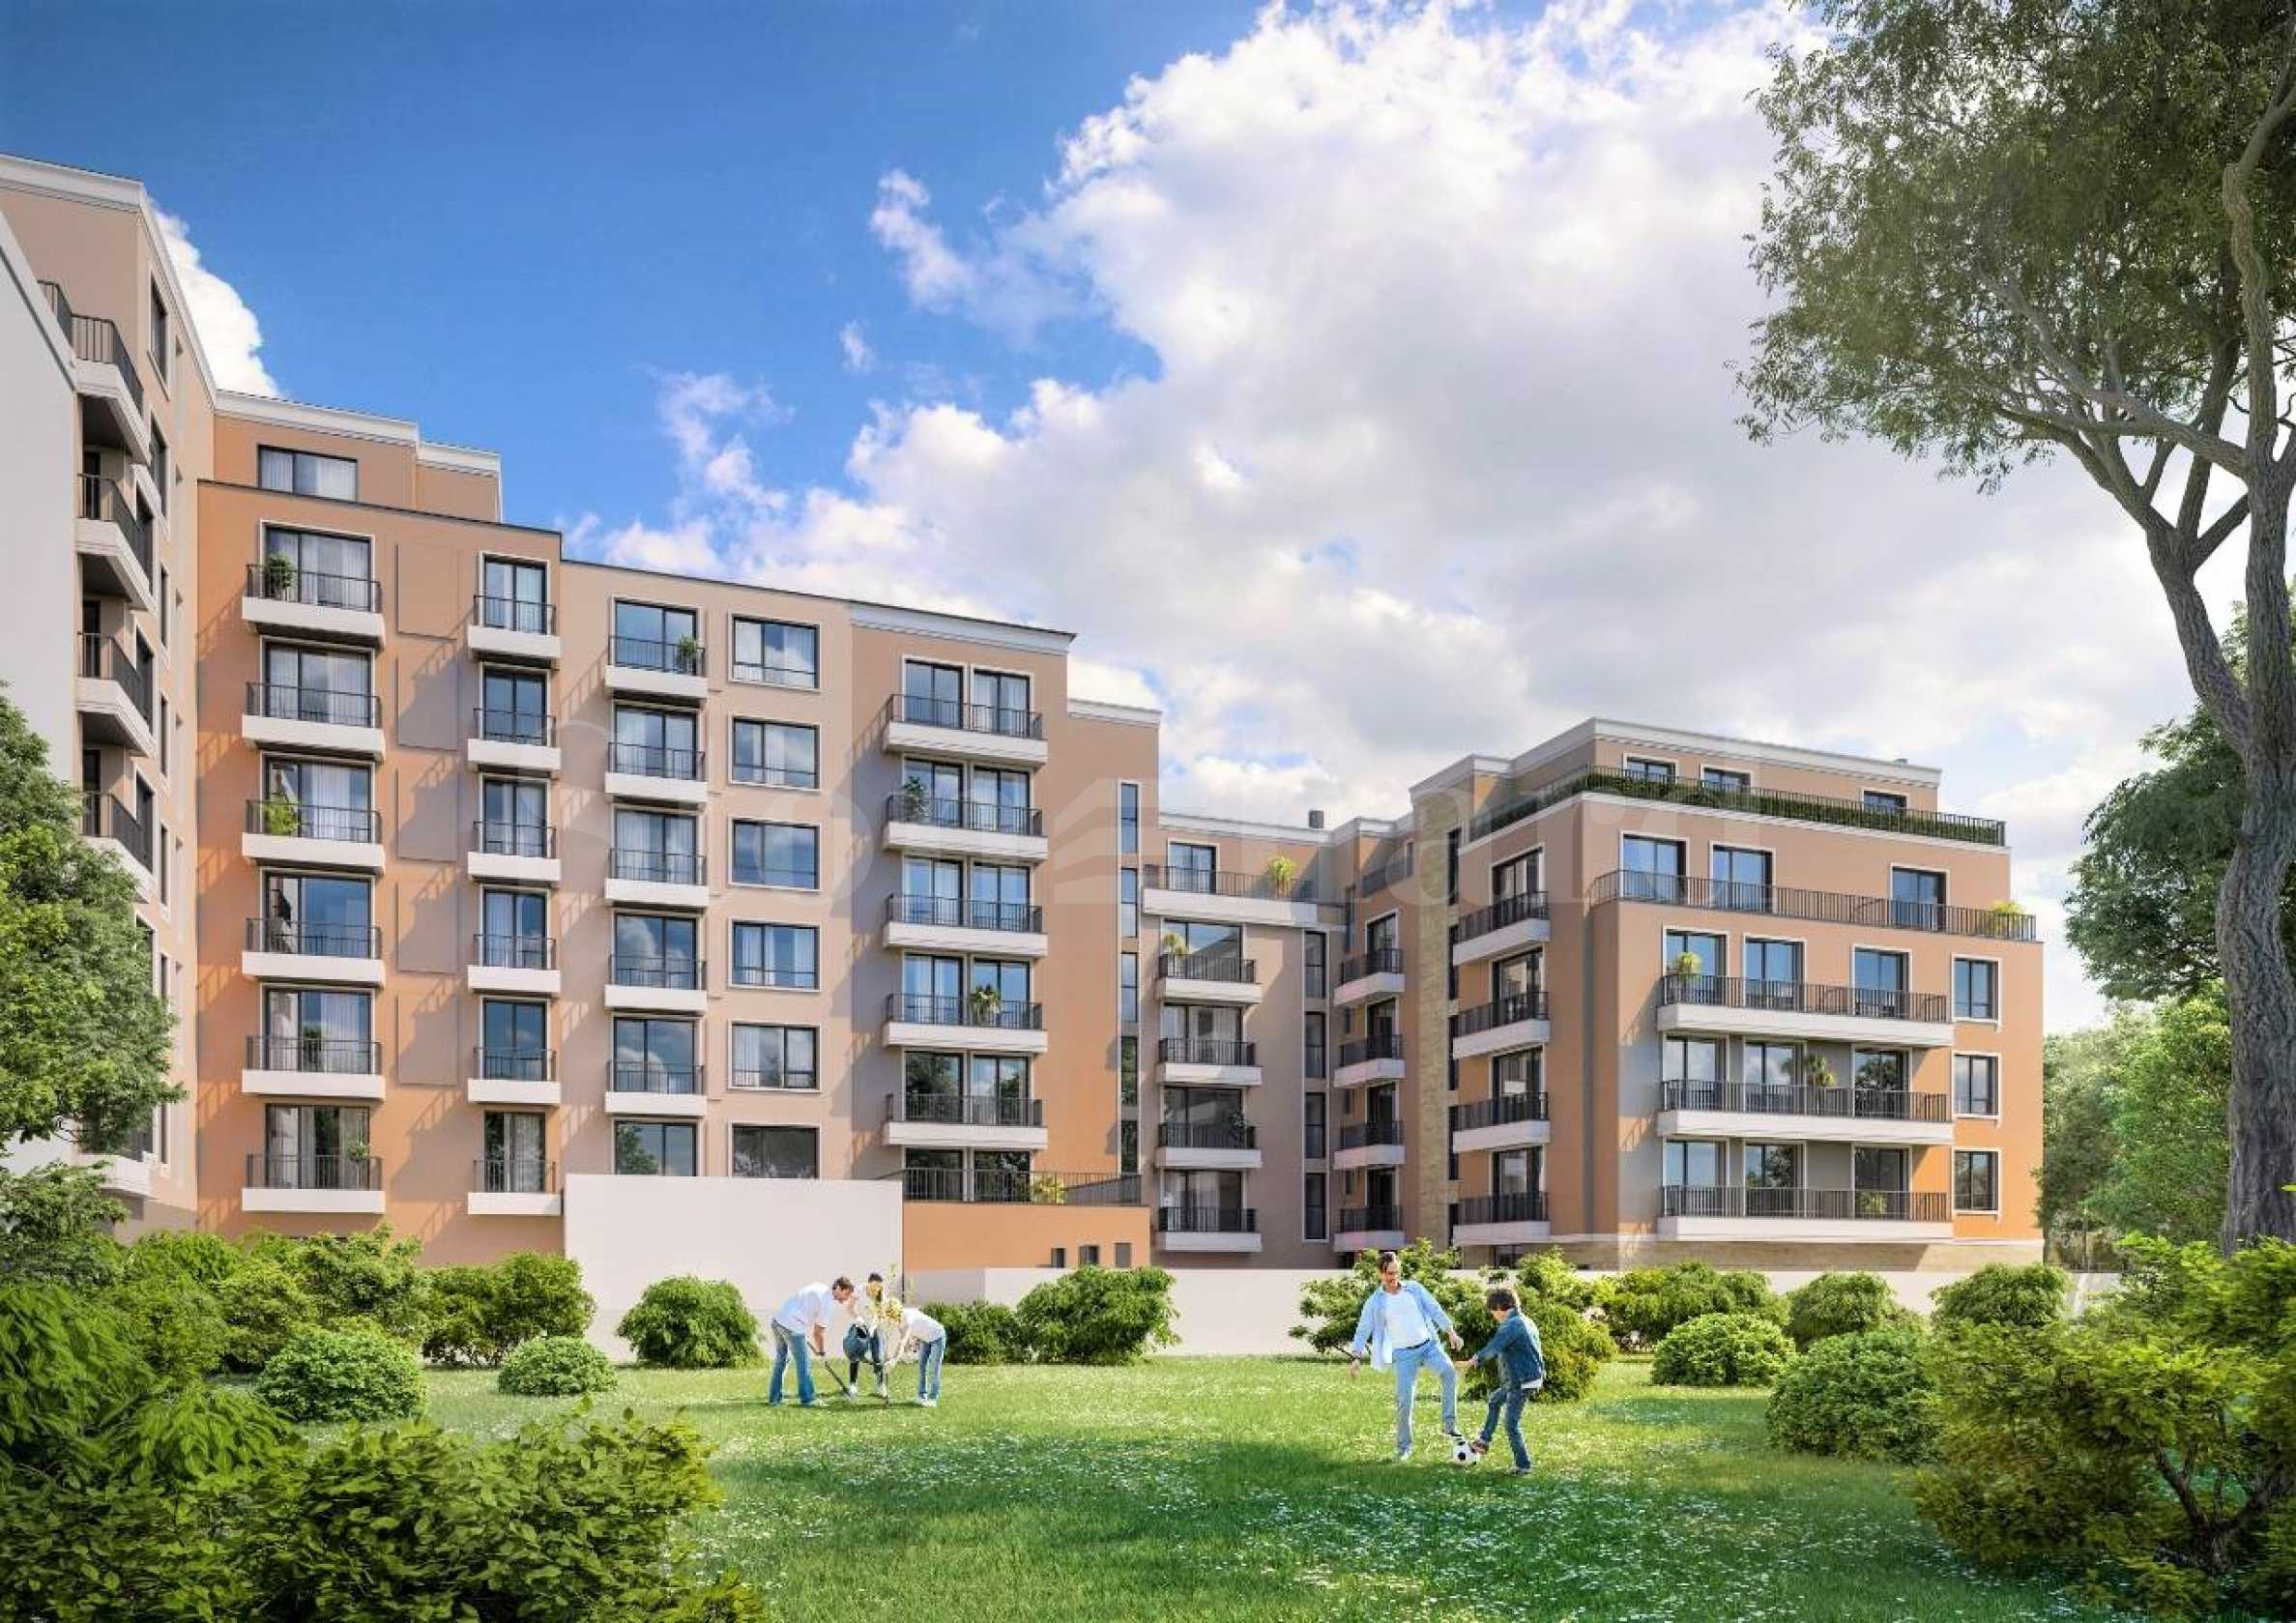 Апартаменти на цени 1 000 €/м² в централната част на София2 - Stonehard